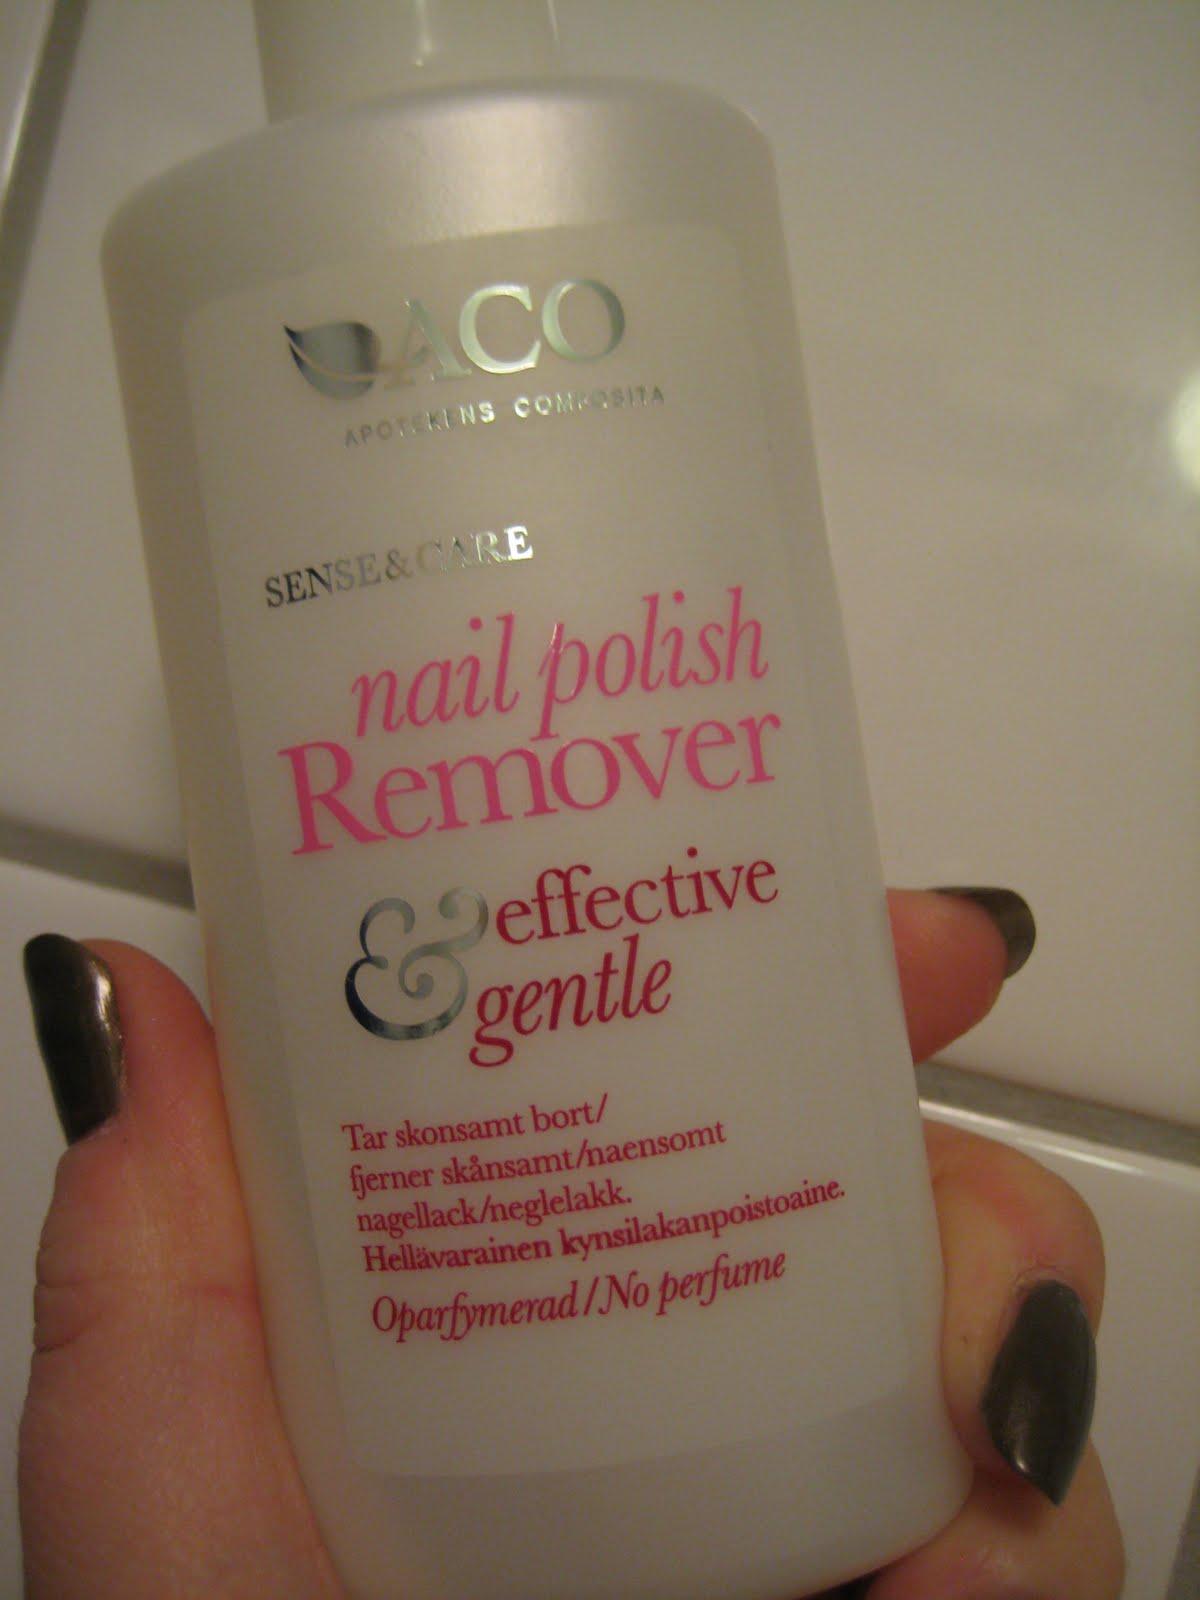 aco nail polish remover